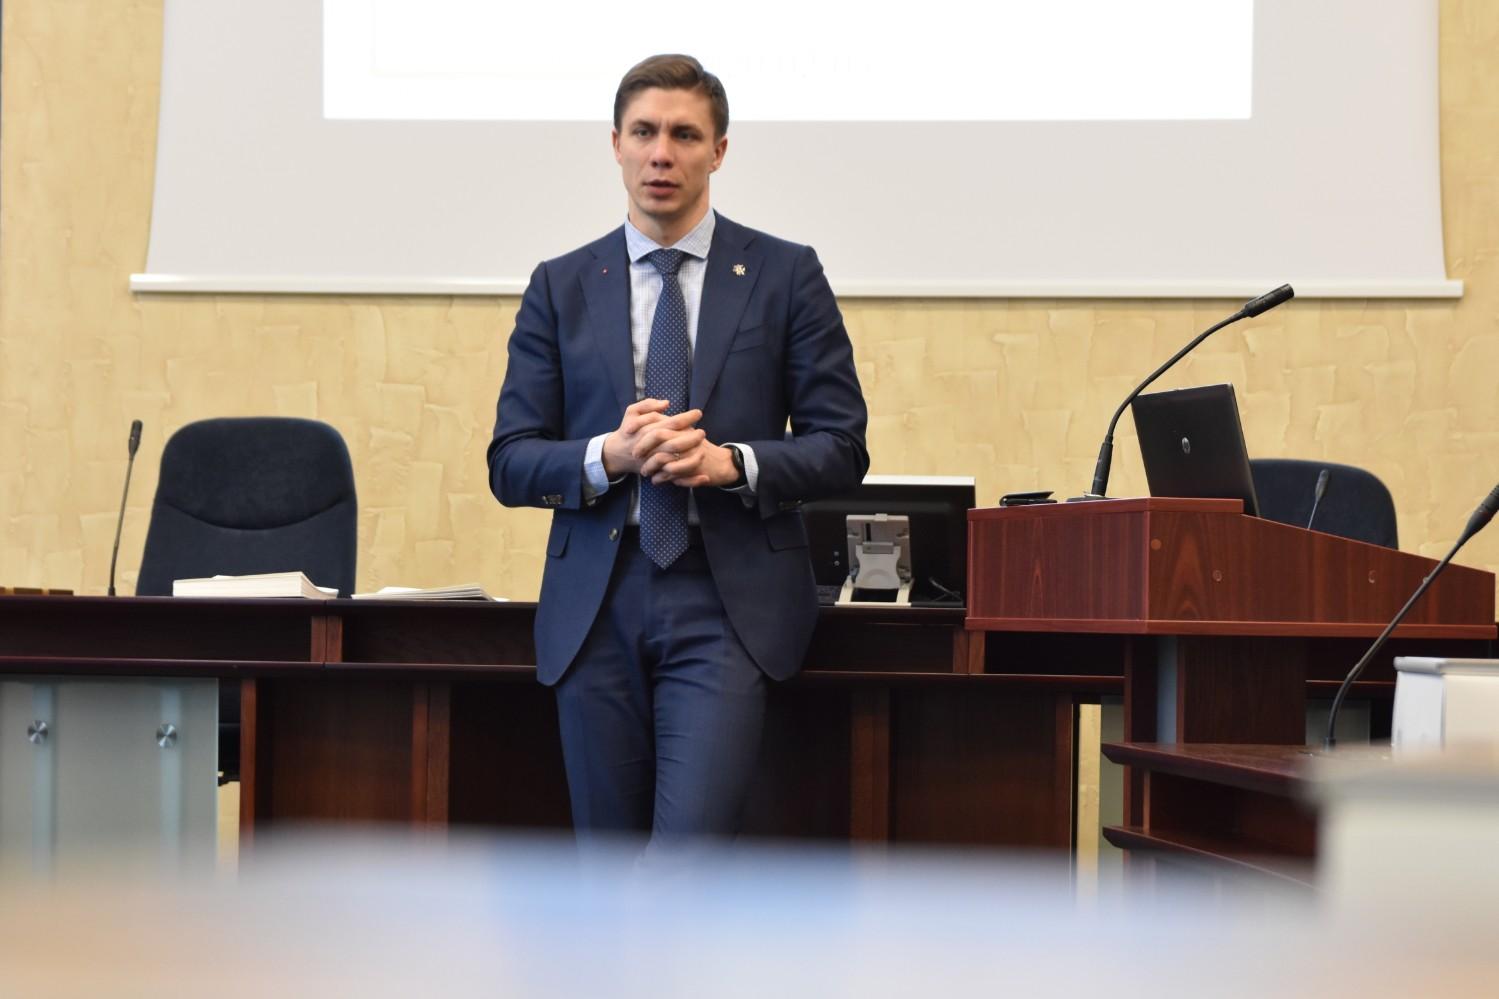 M. Sinkevičius: Turime įveikti virusą ir susigrąžinti gyvenimus